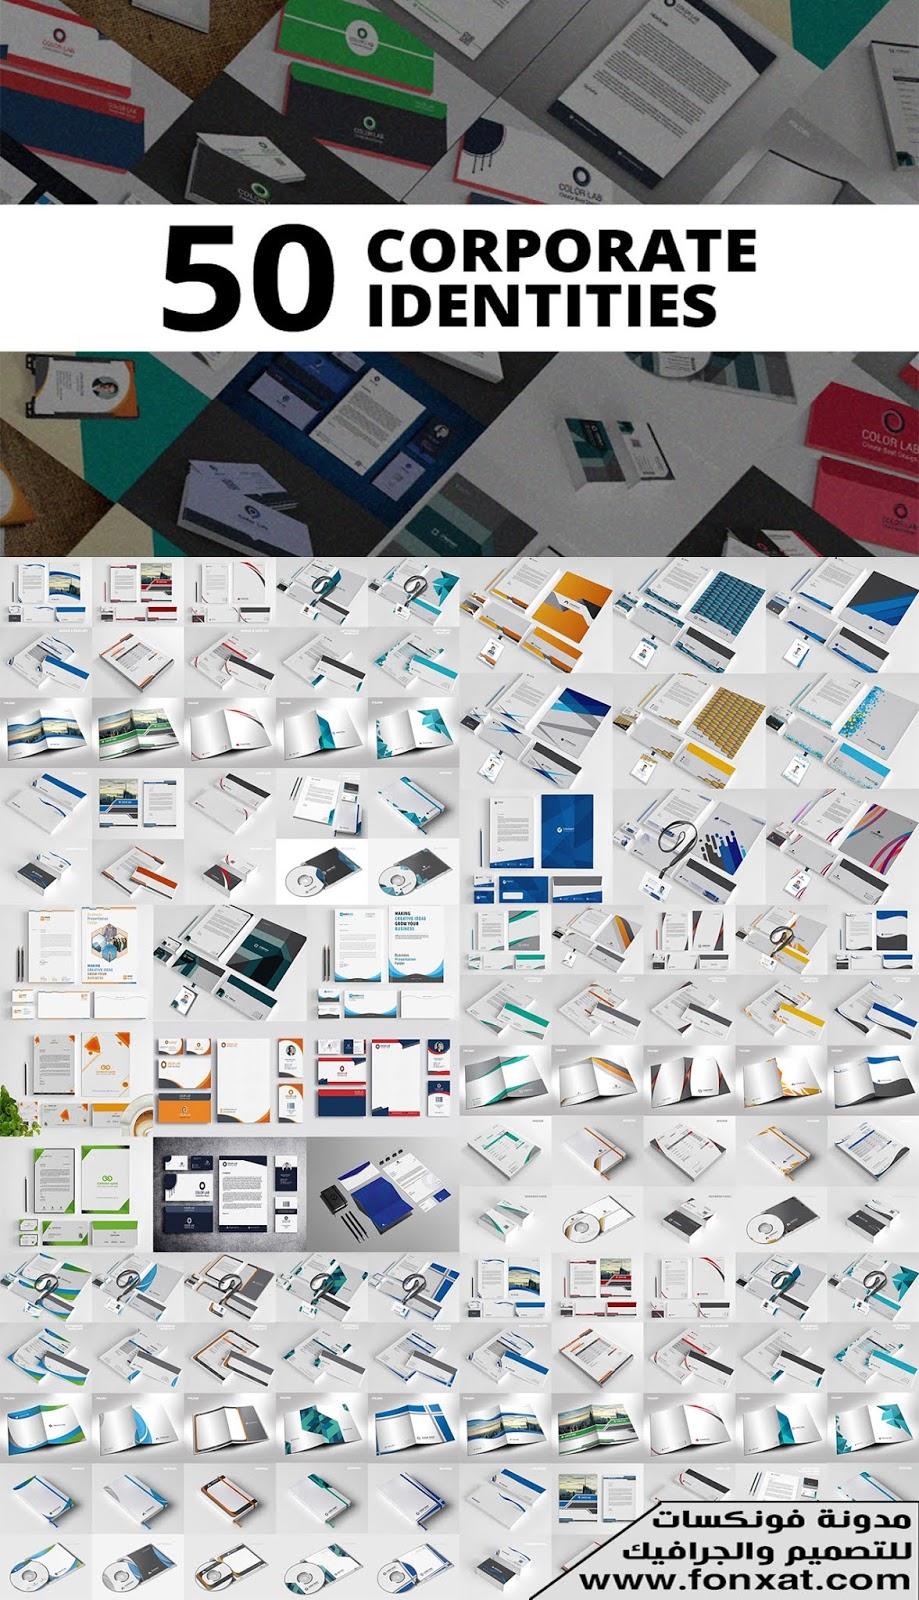 حقيبة هويات الشركات الشاملة 2020 فقط وحصريا لدى فونكسات بحجم 1 جيجا برابط واحد